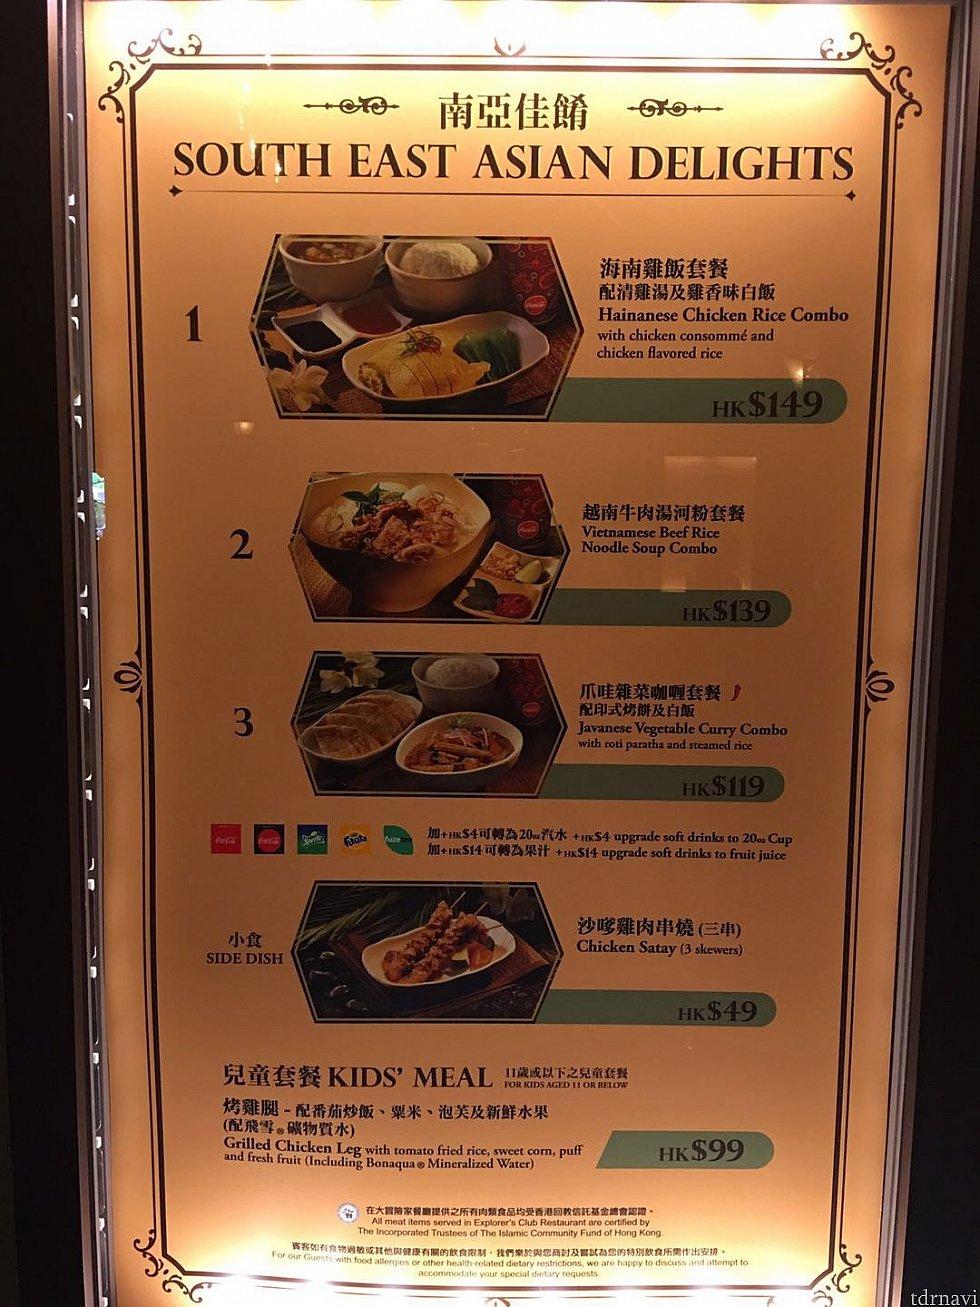 海南鶏飯、ベトナムのフォー、ジャワ風野菜カレー、チキンサティがあります。